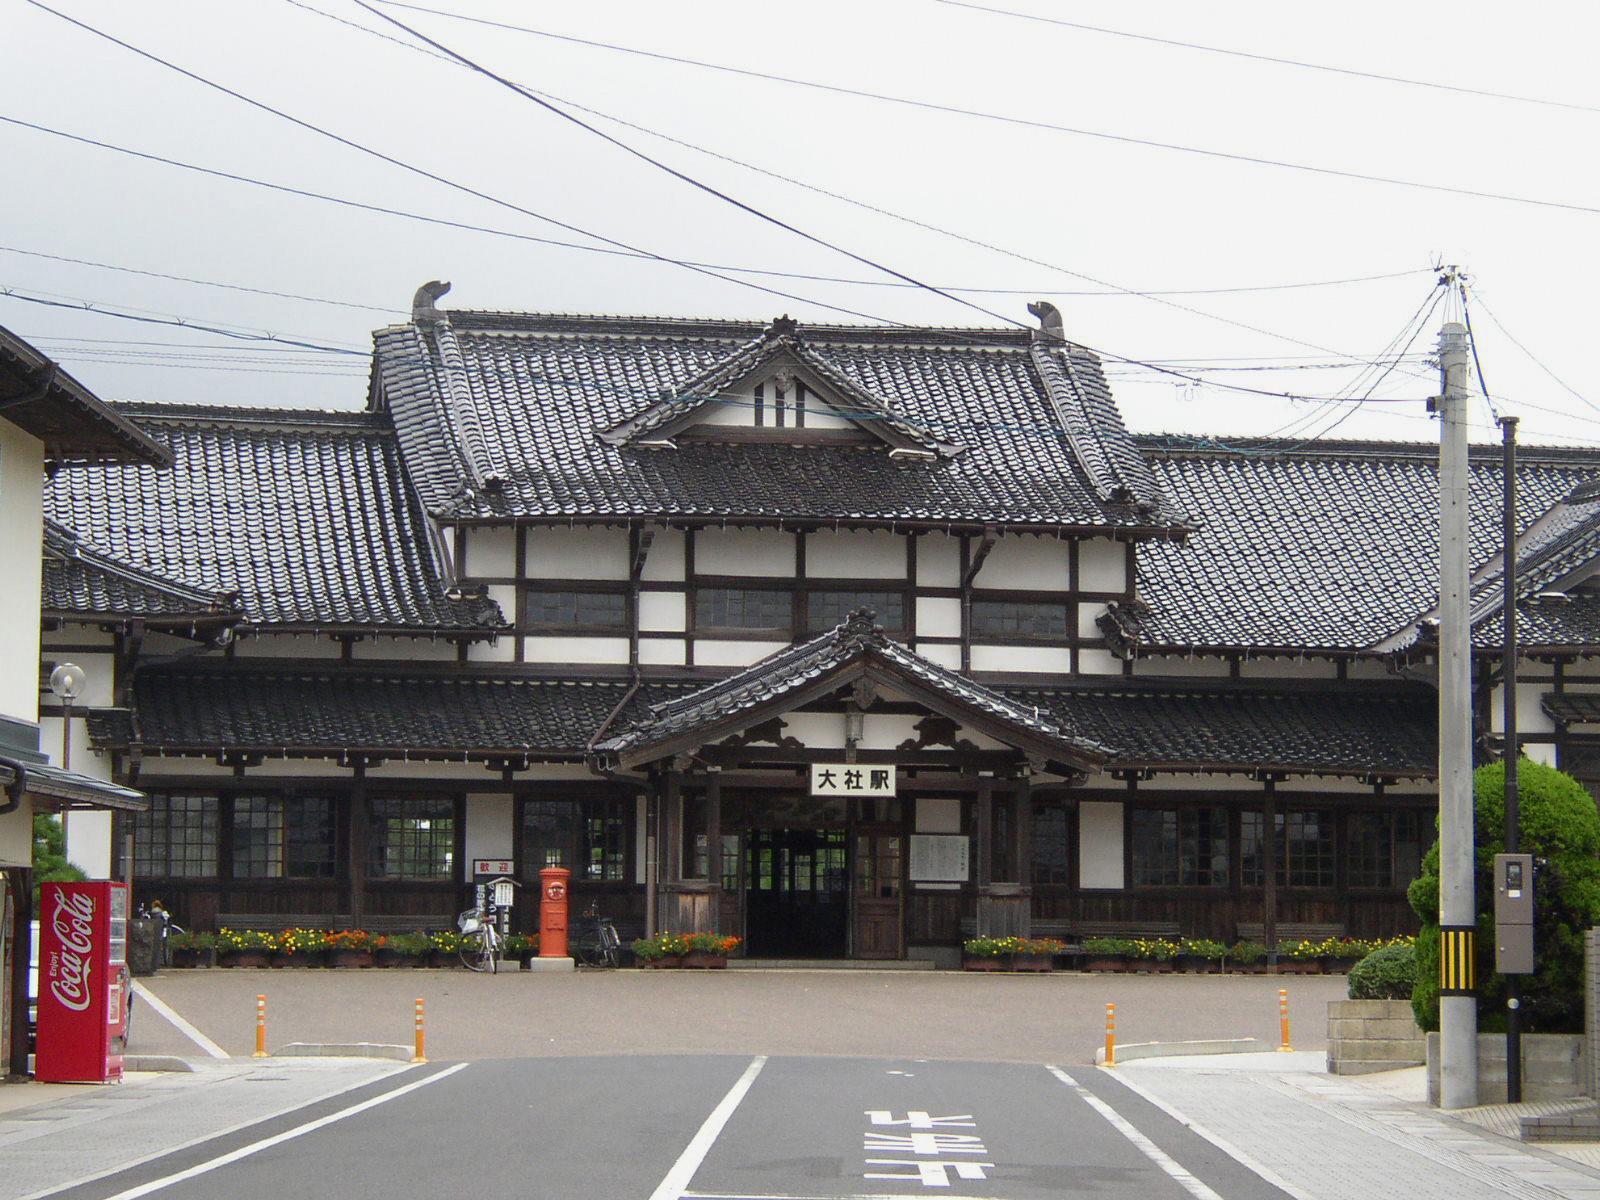 日本留学大学(大学院)申请